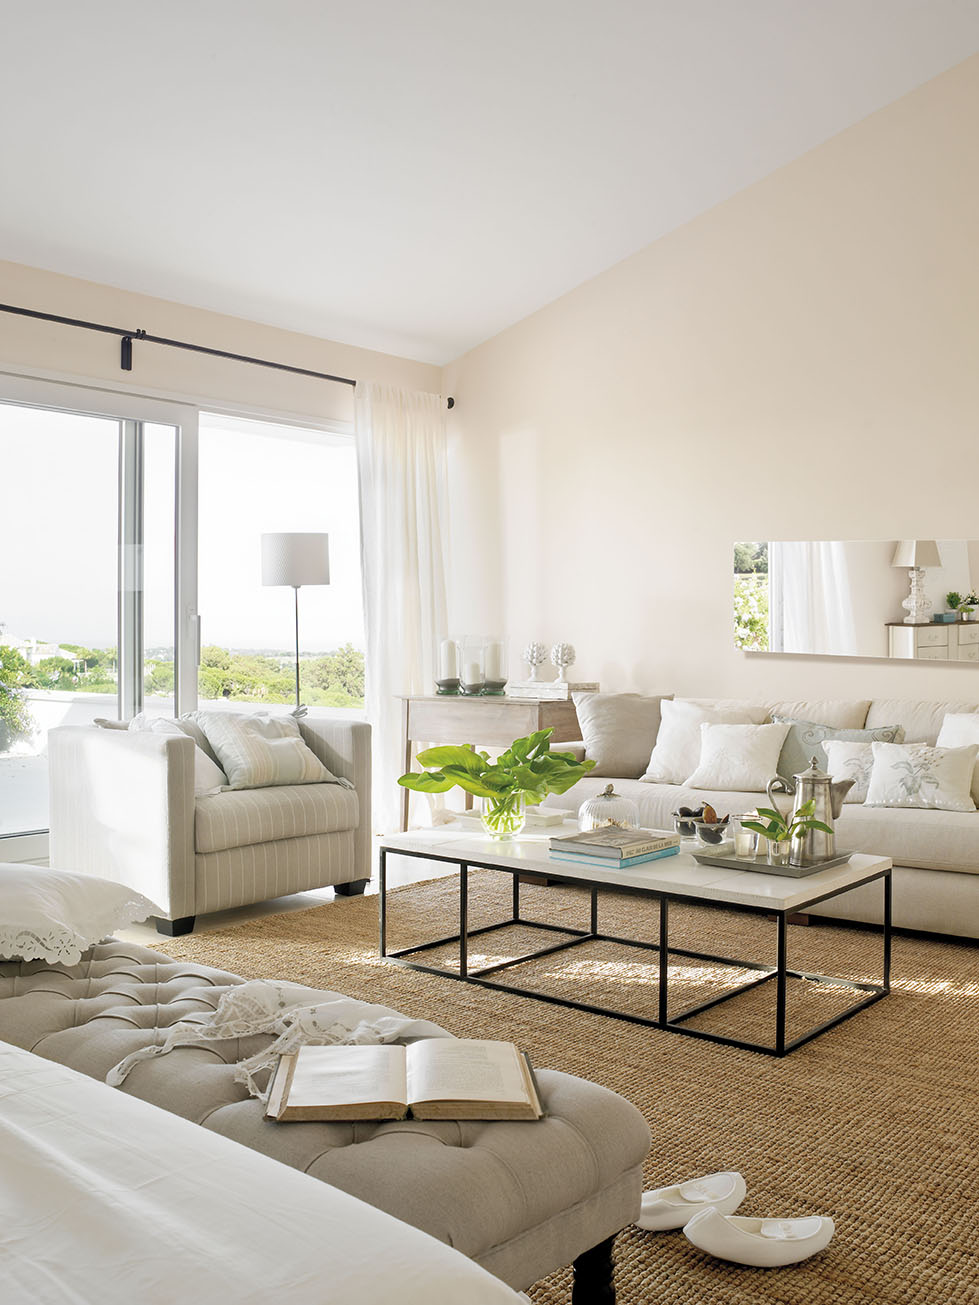 Una decoraci n blanca y transparente - Decoracion salones cortinas ...